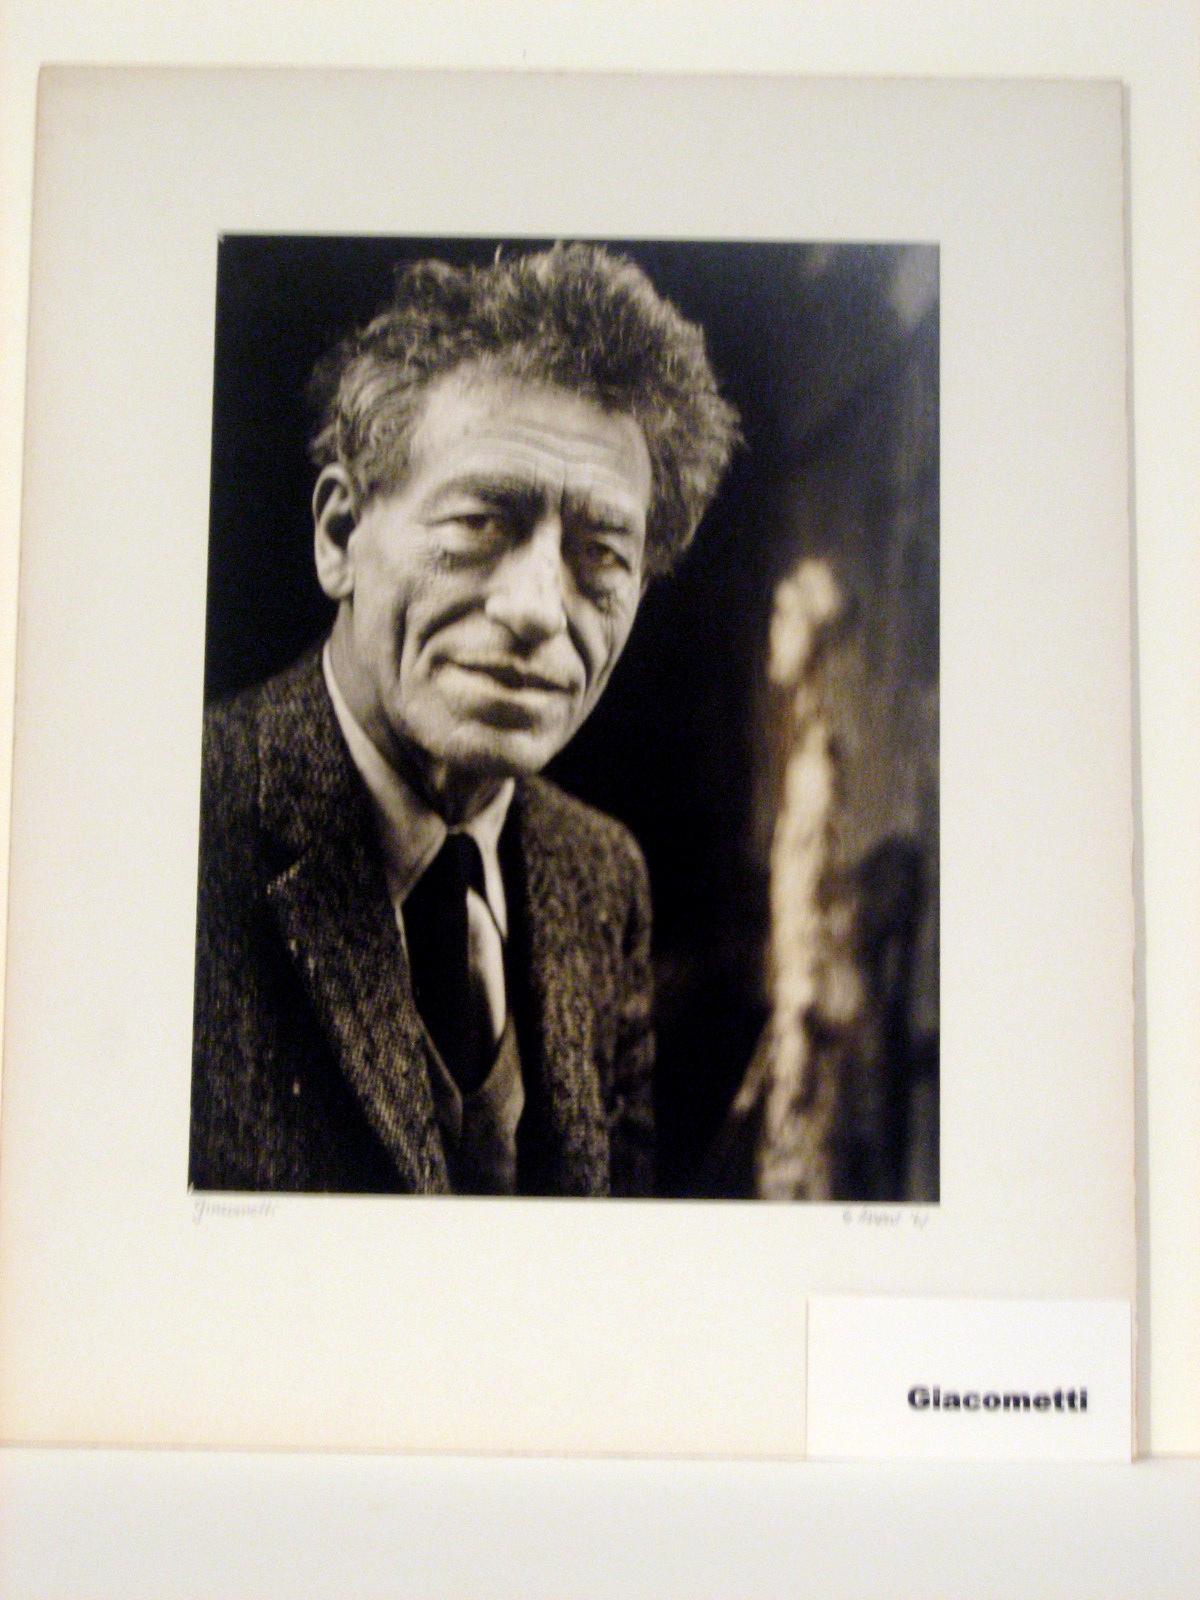 Giacometti 1.jpg